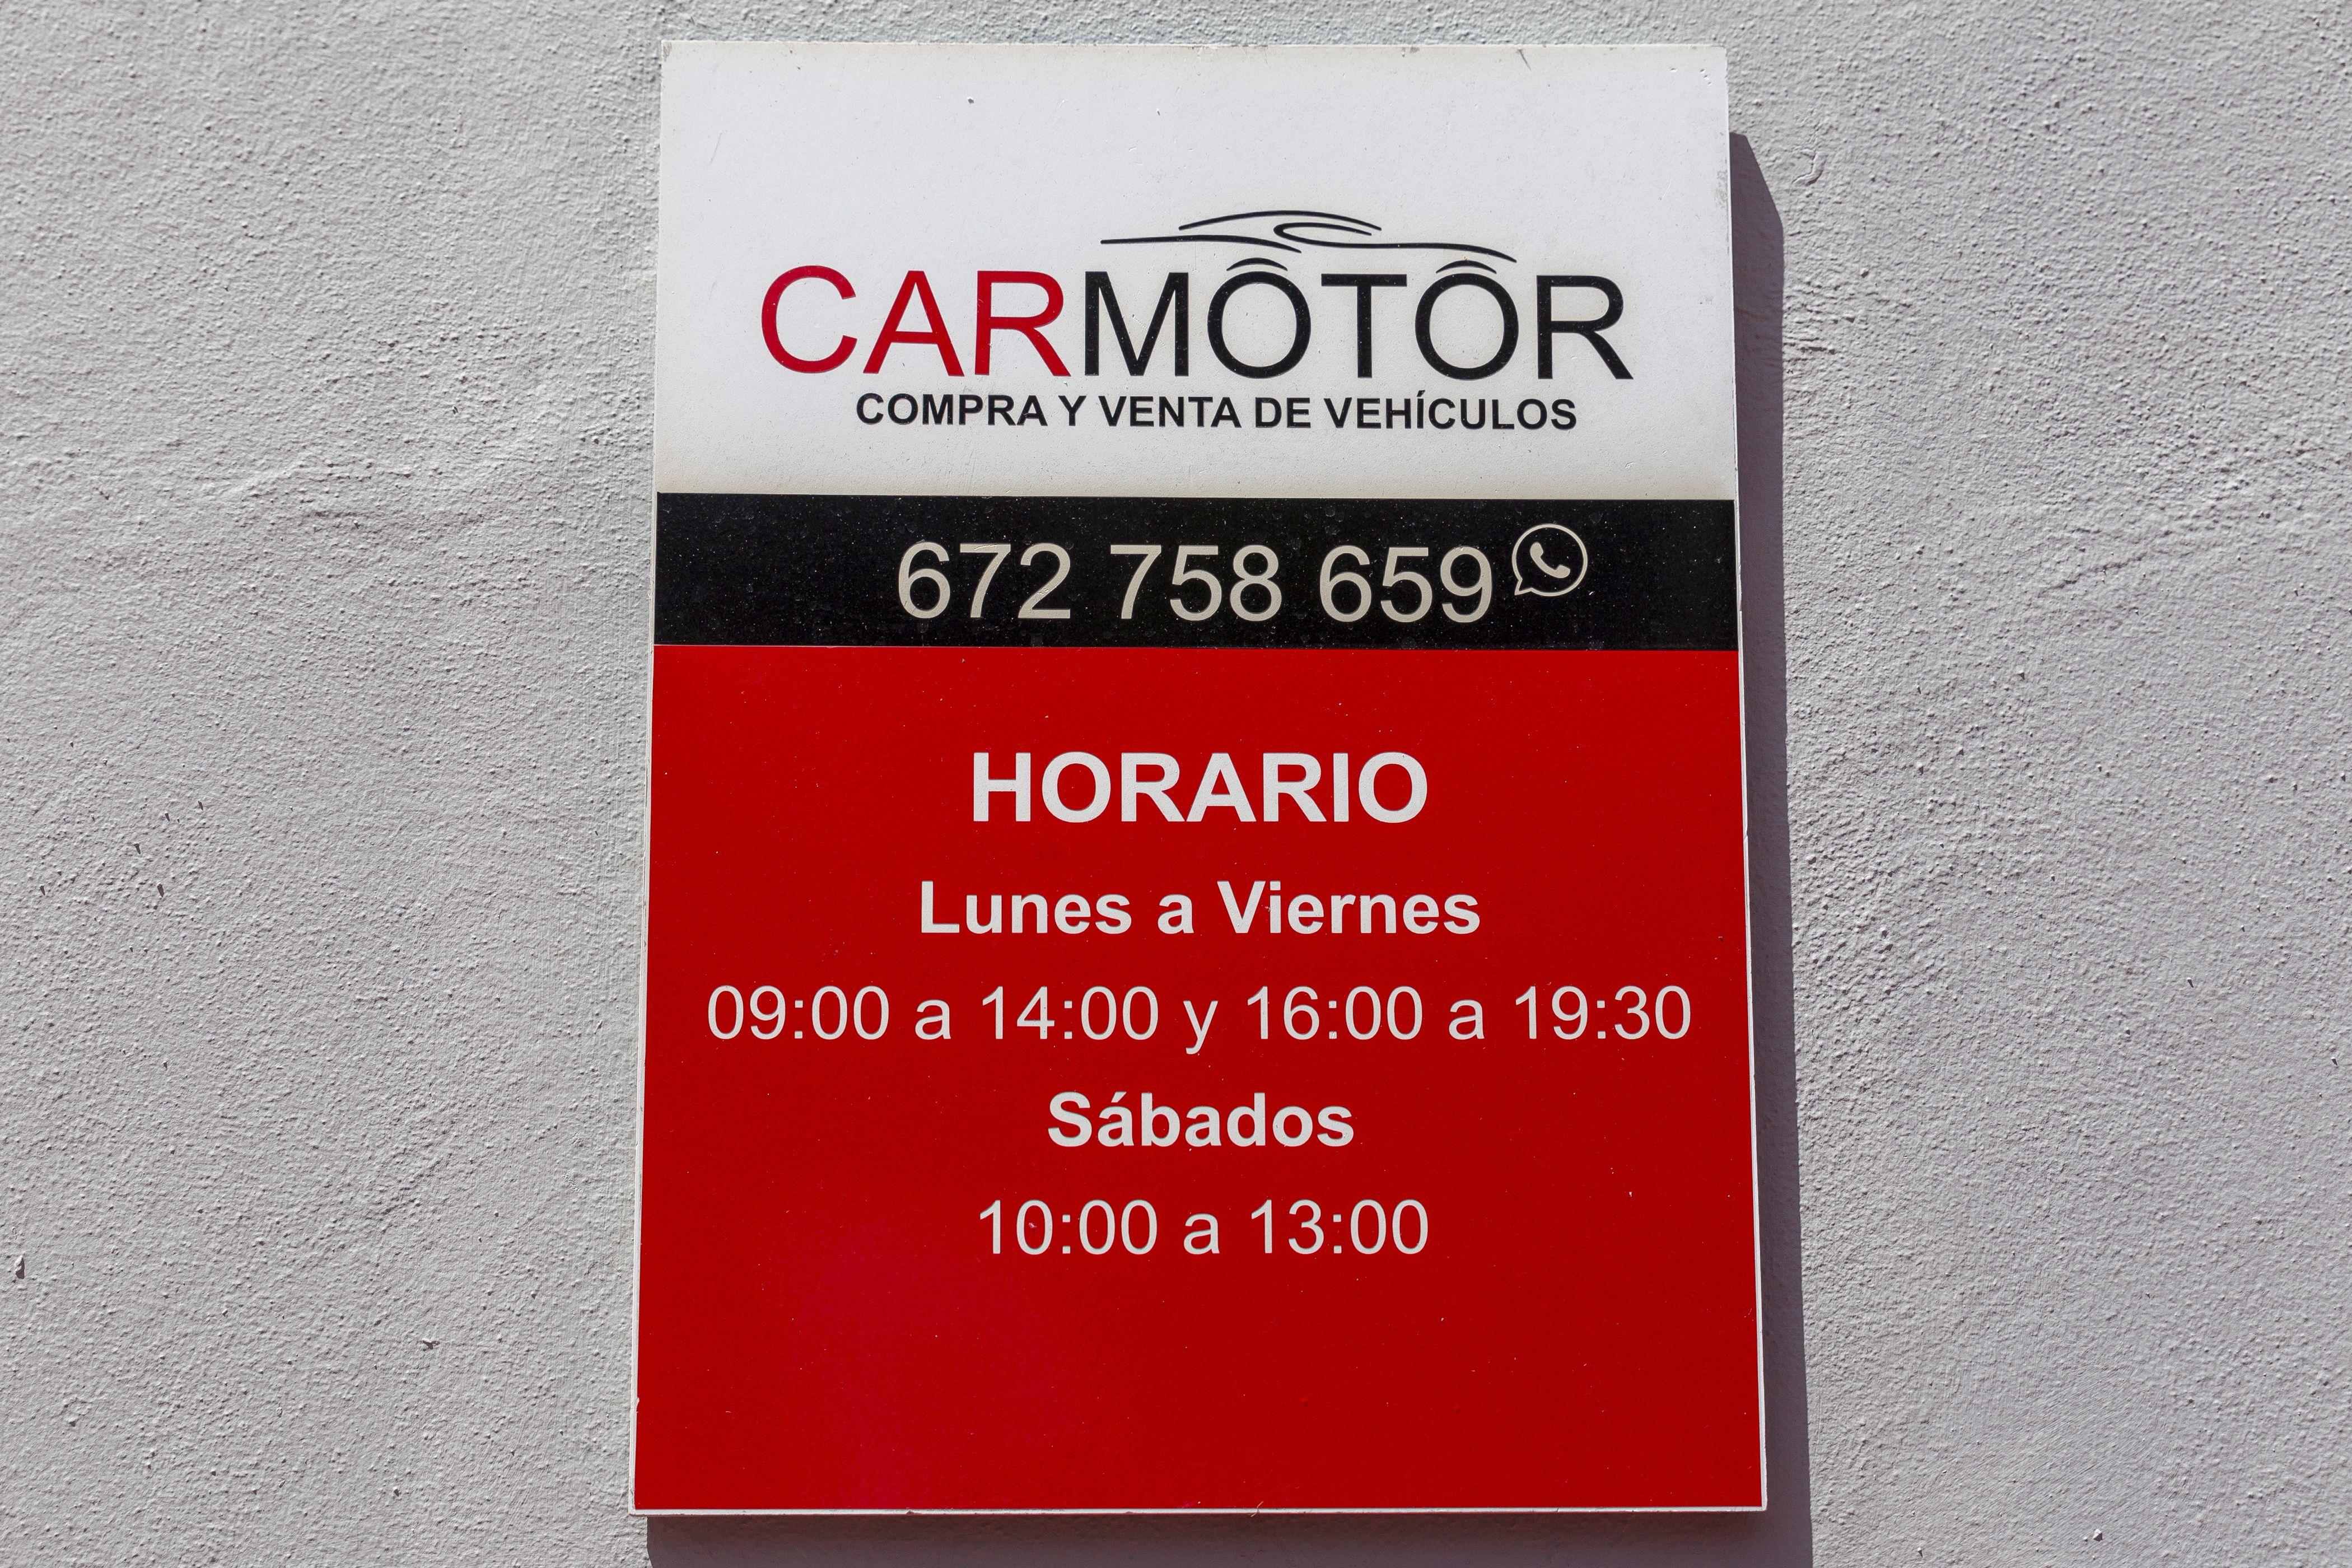 Horario de Carmotor